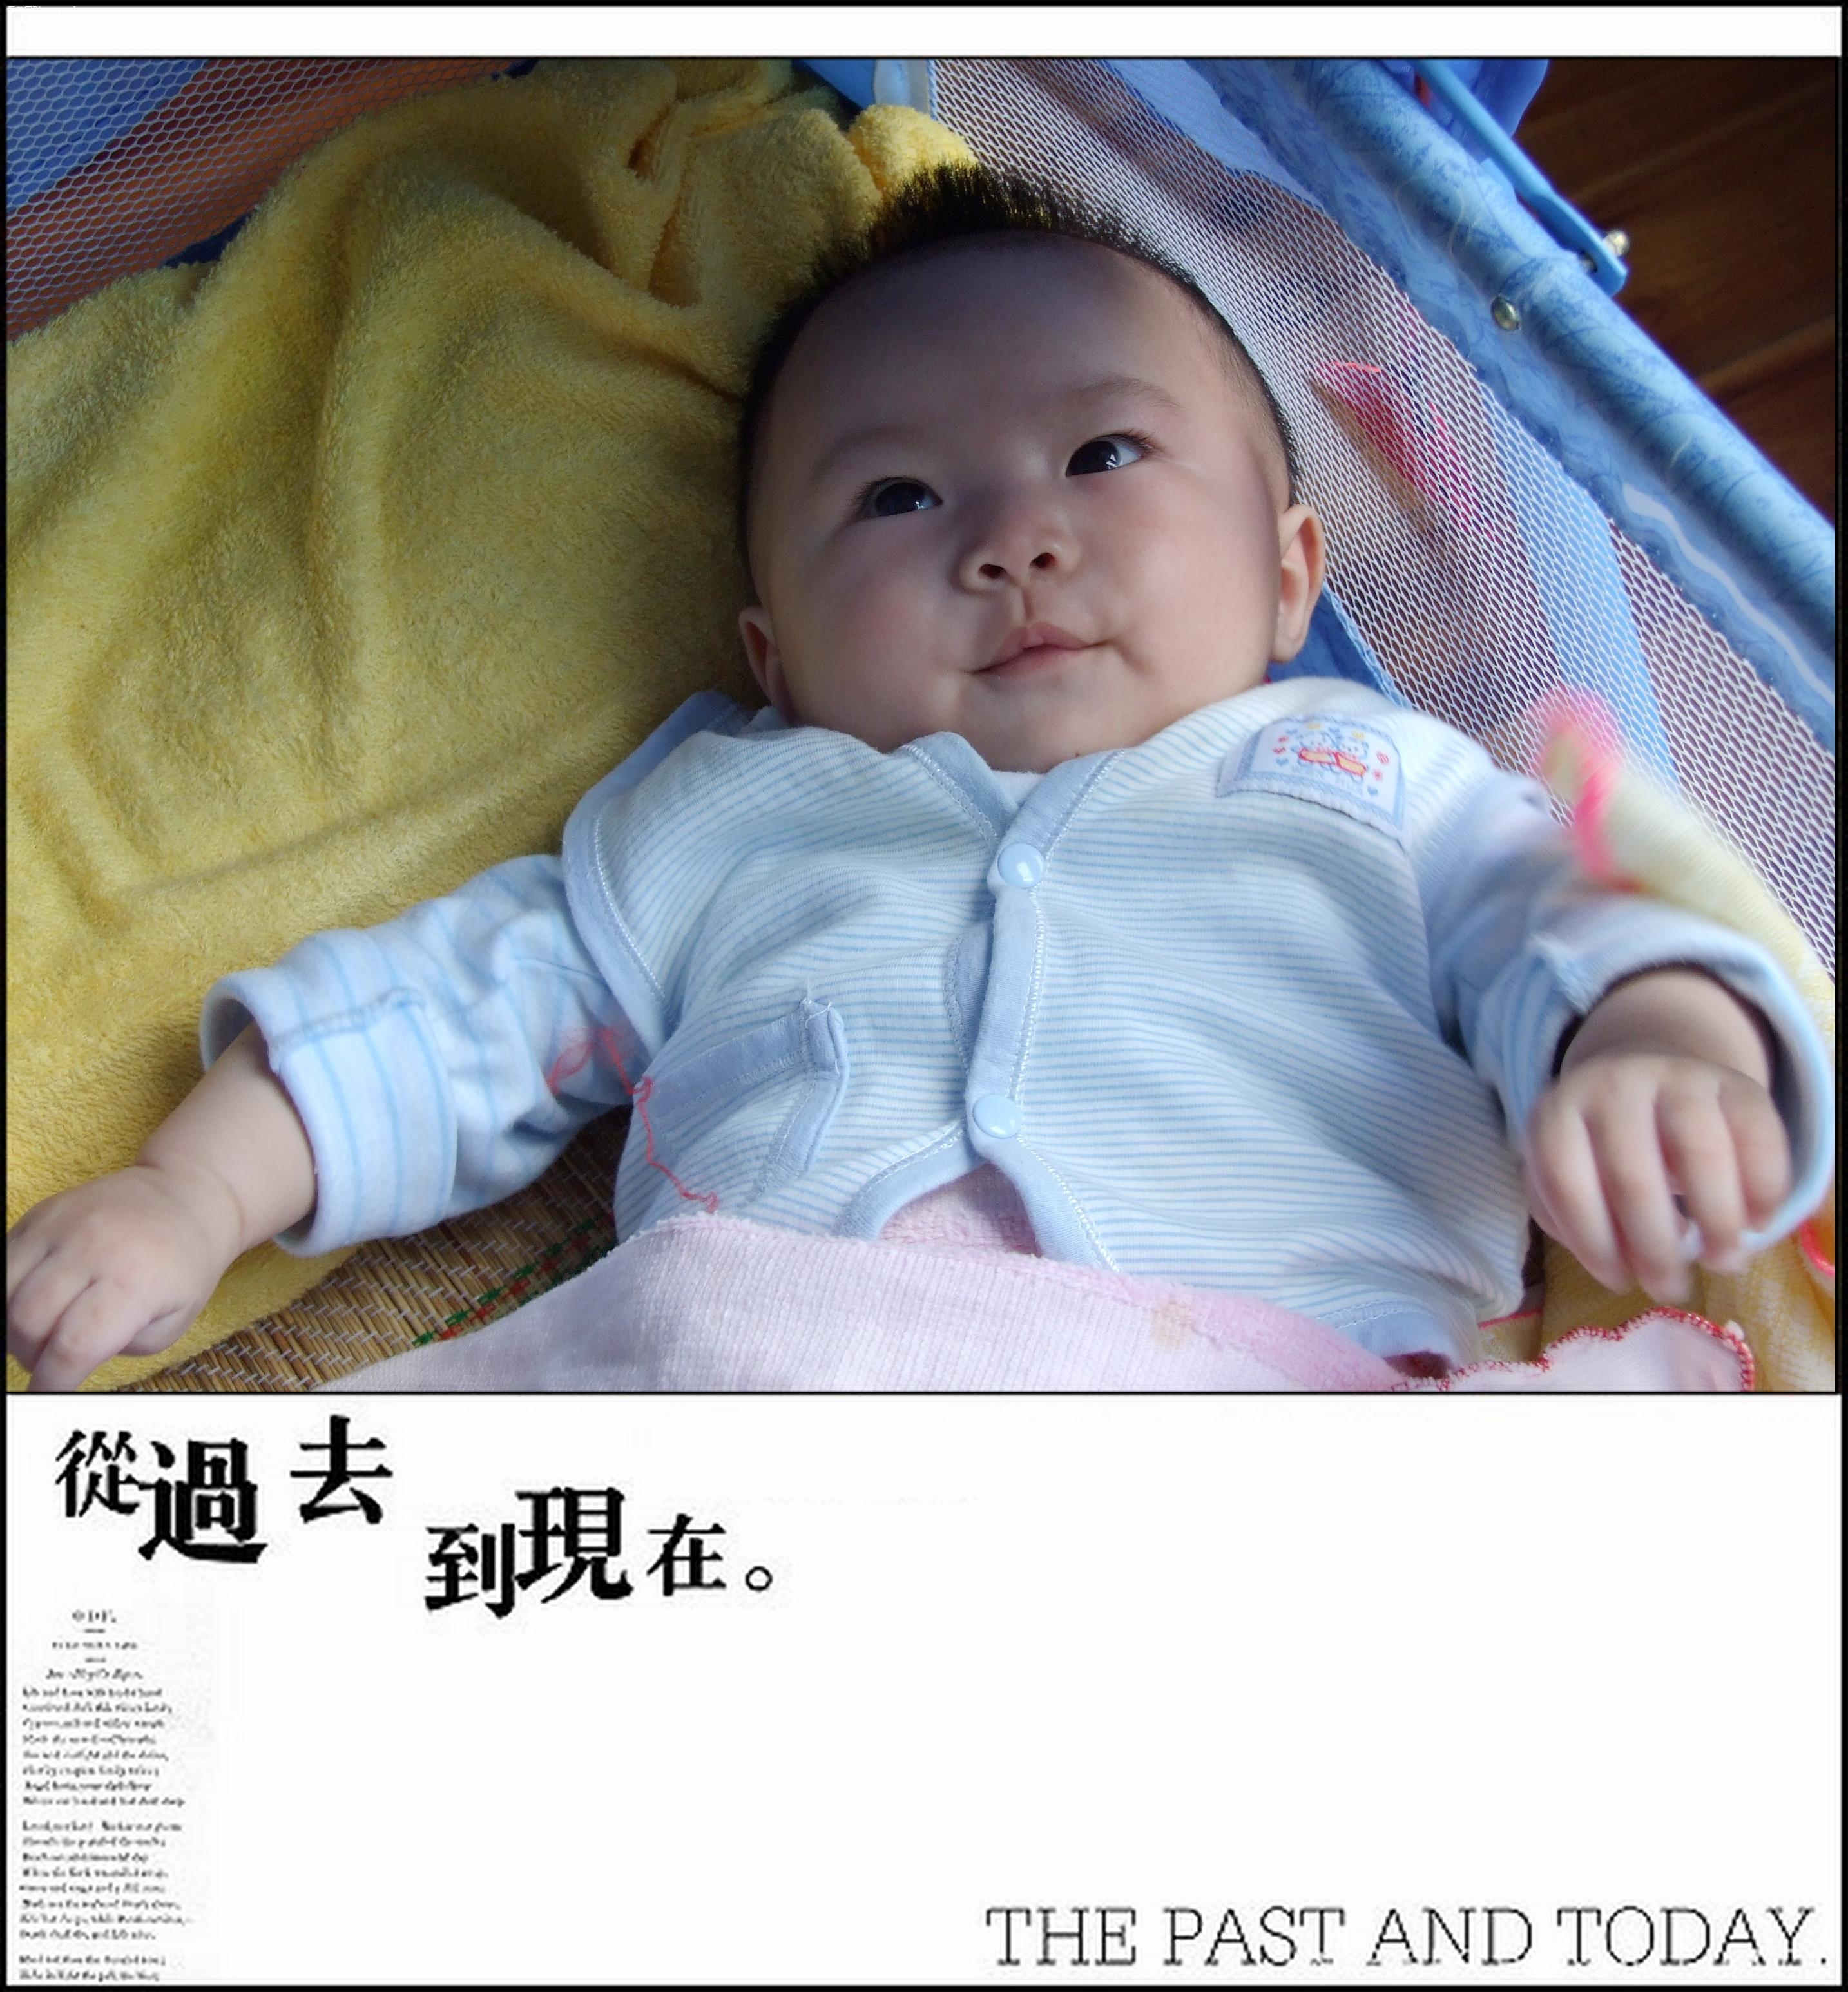 【可爱的小mm撒娇】-论坛-zol中关村在线